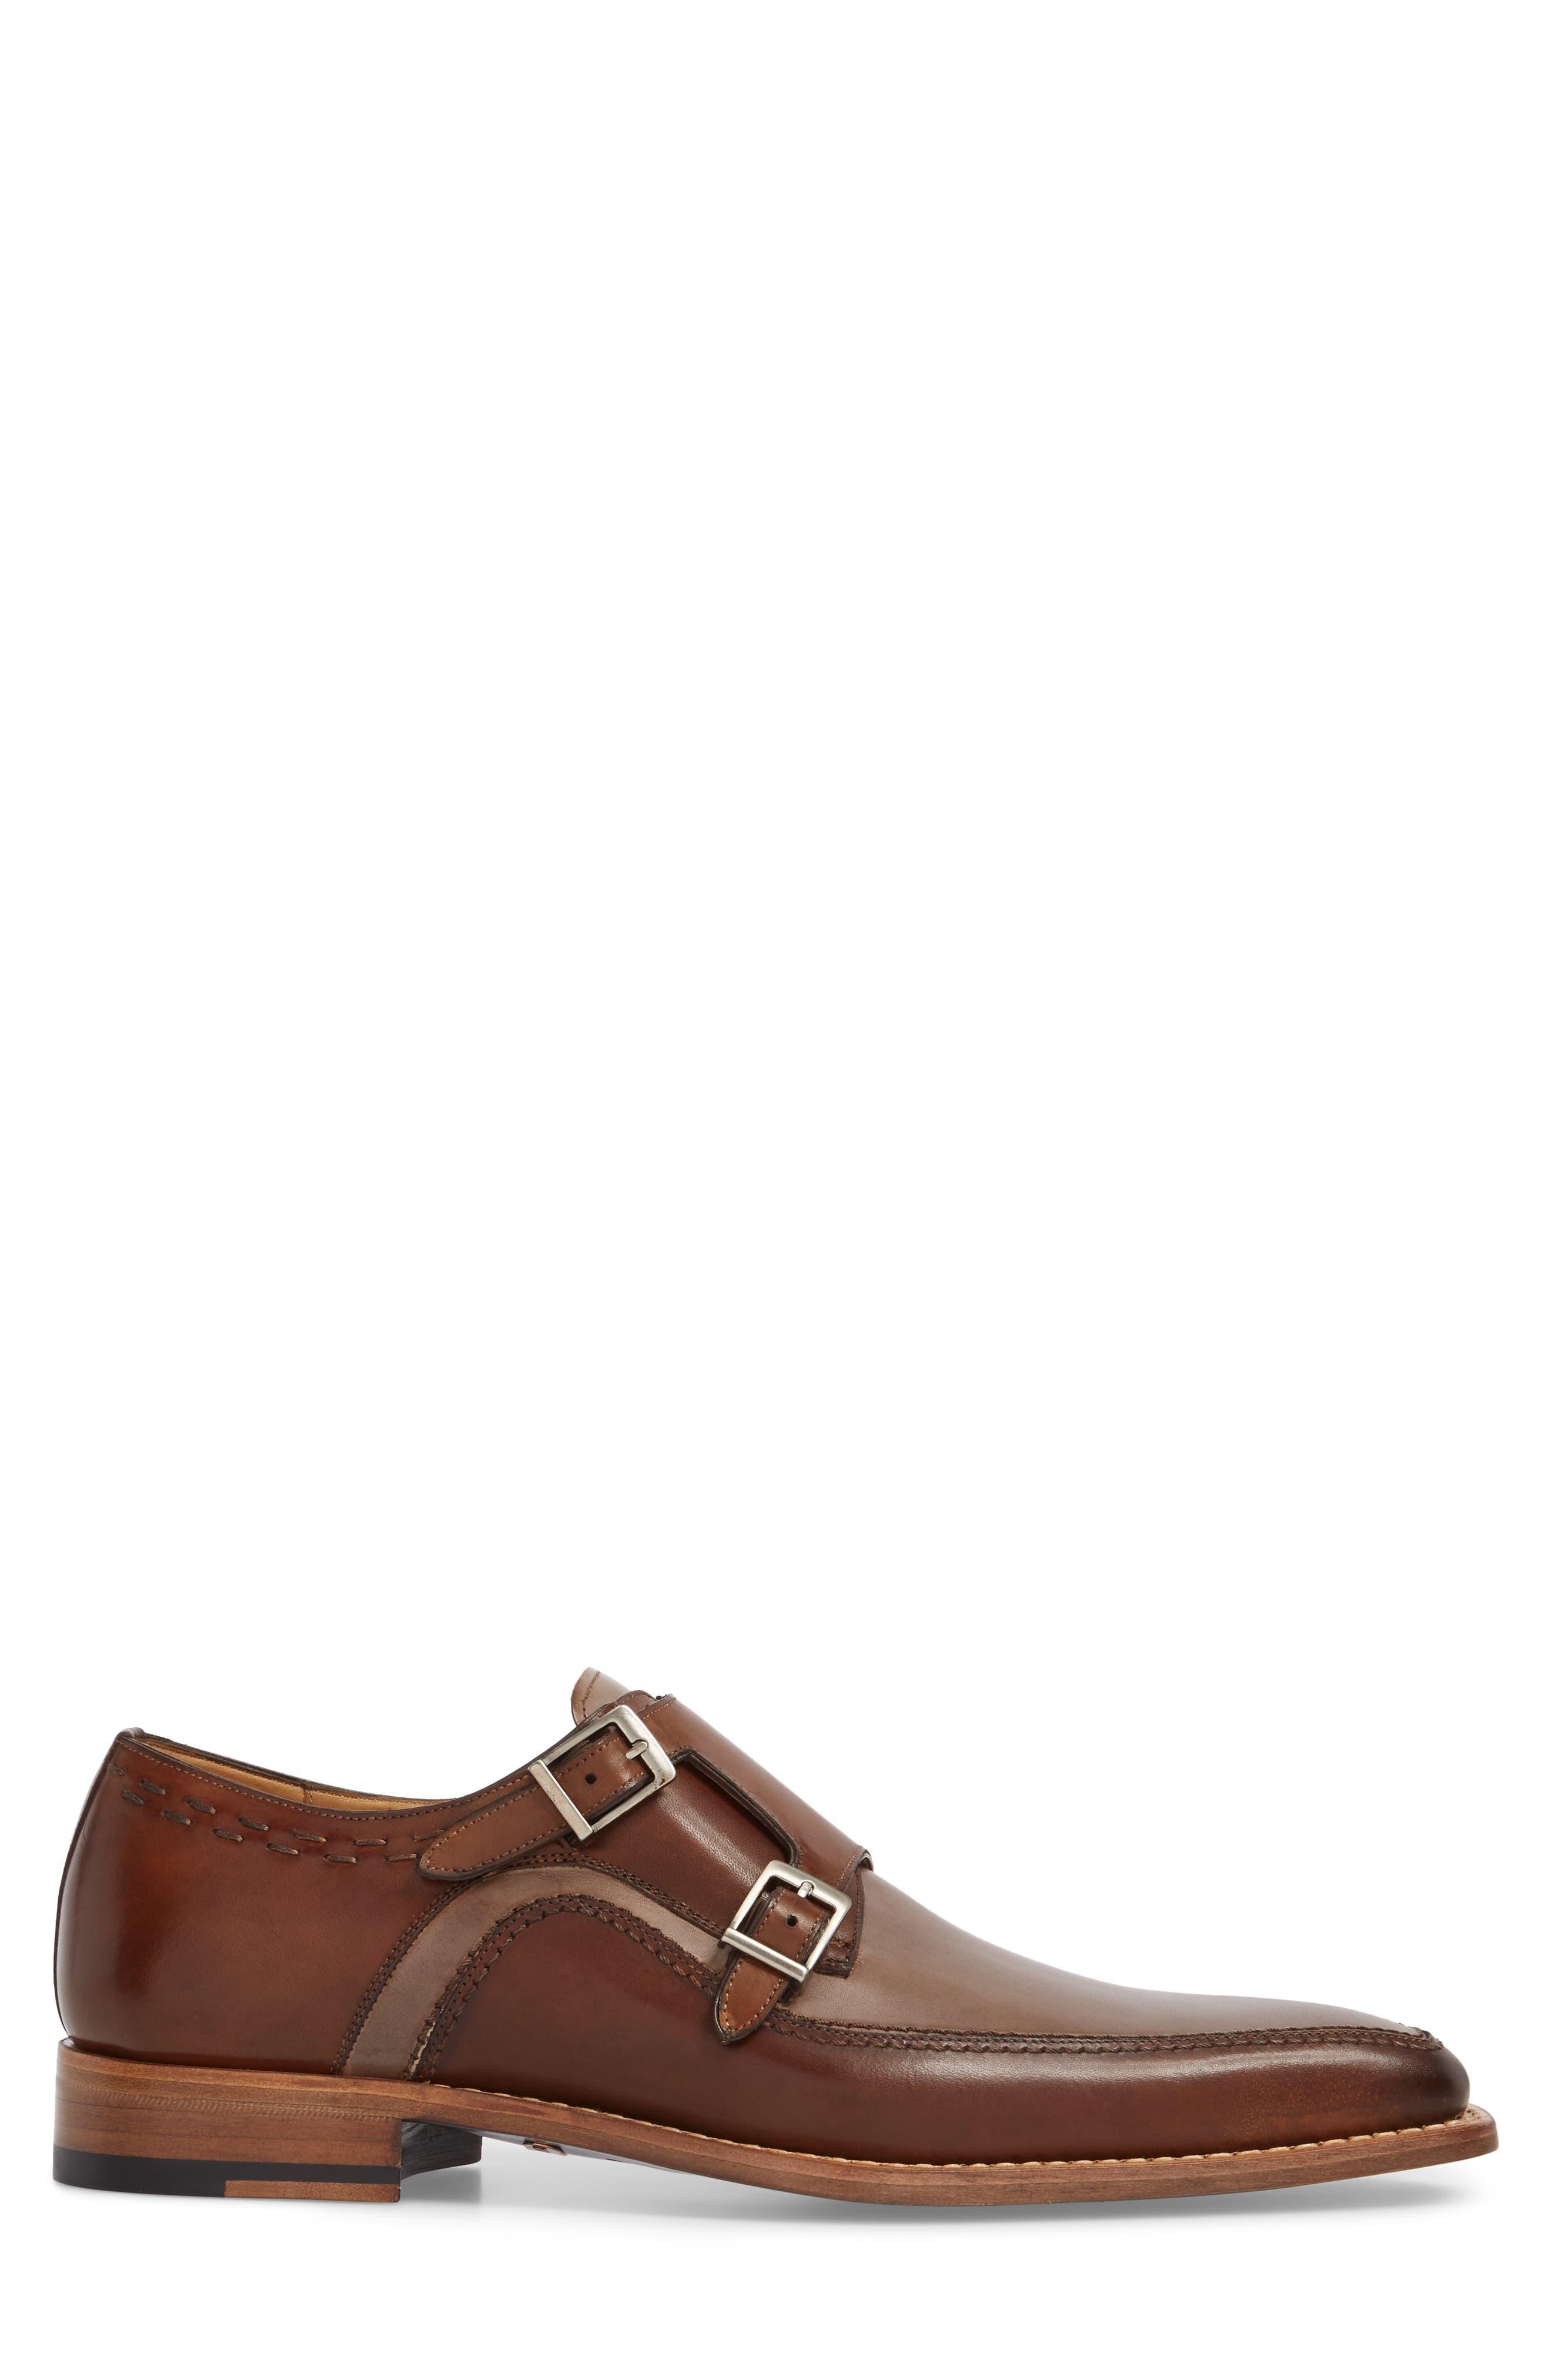 Magno Double Monk Strap Shoe,                             Alternate thumbnail 3, color,                             208